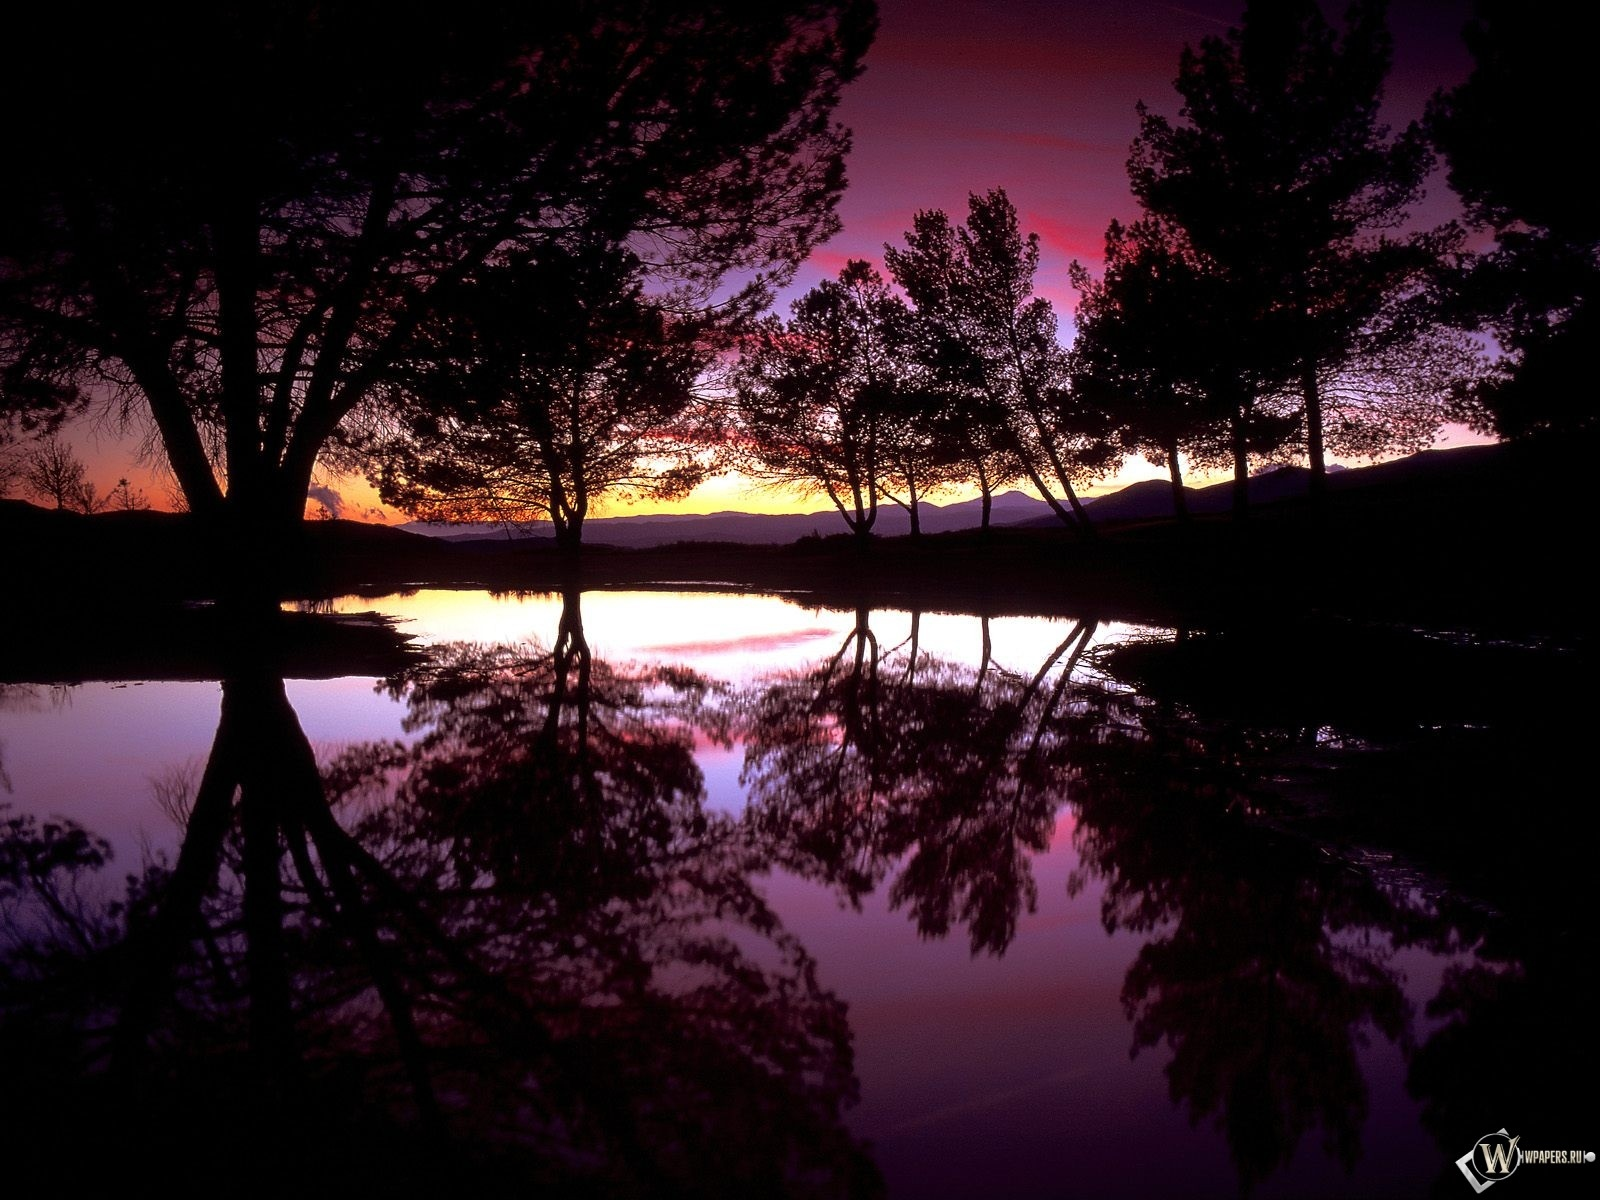 Ночной пейзаж 1600x1200